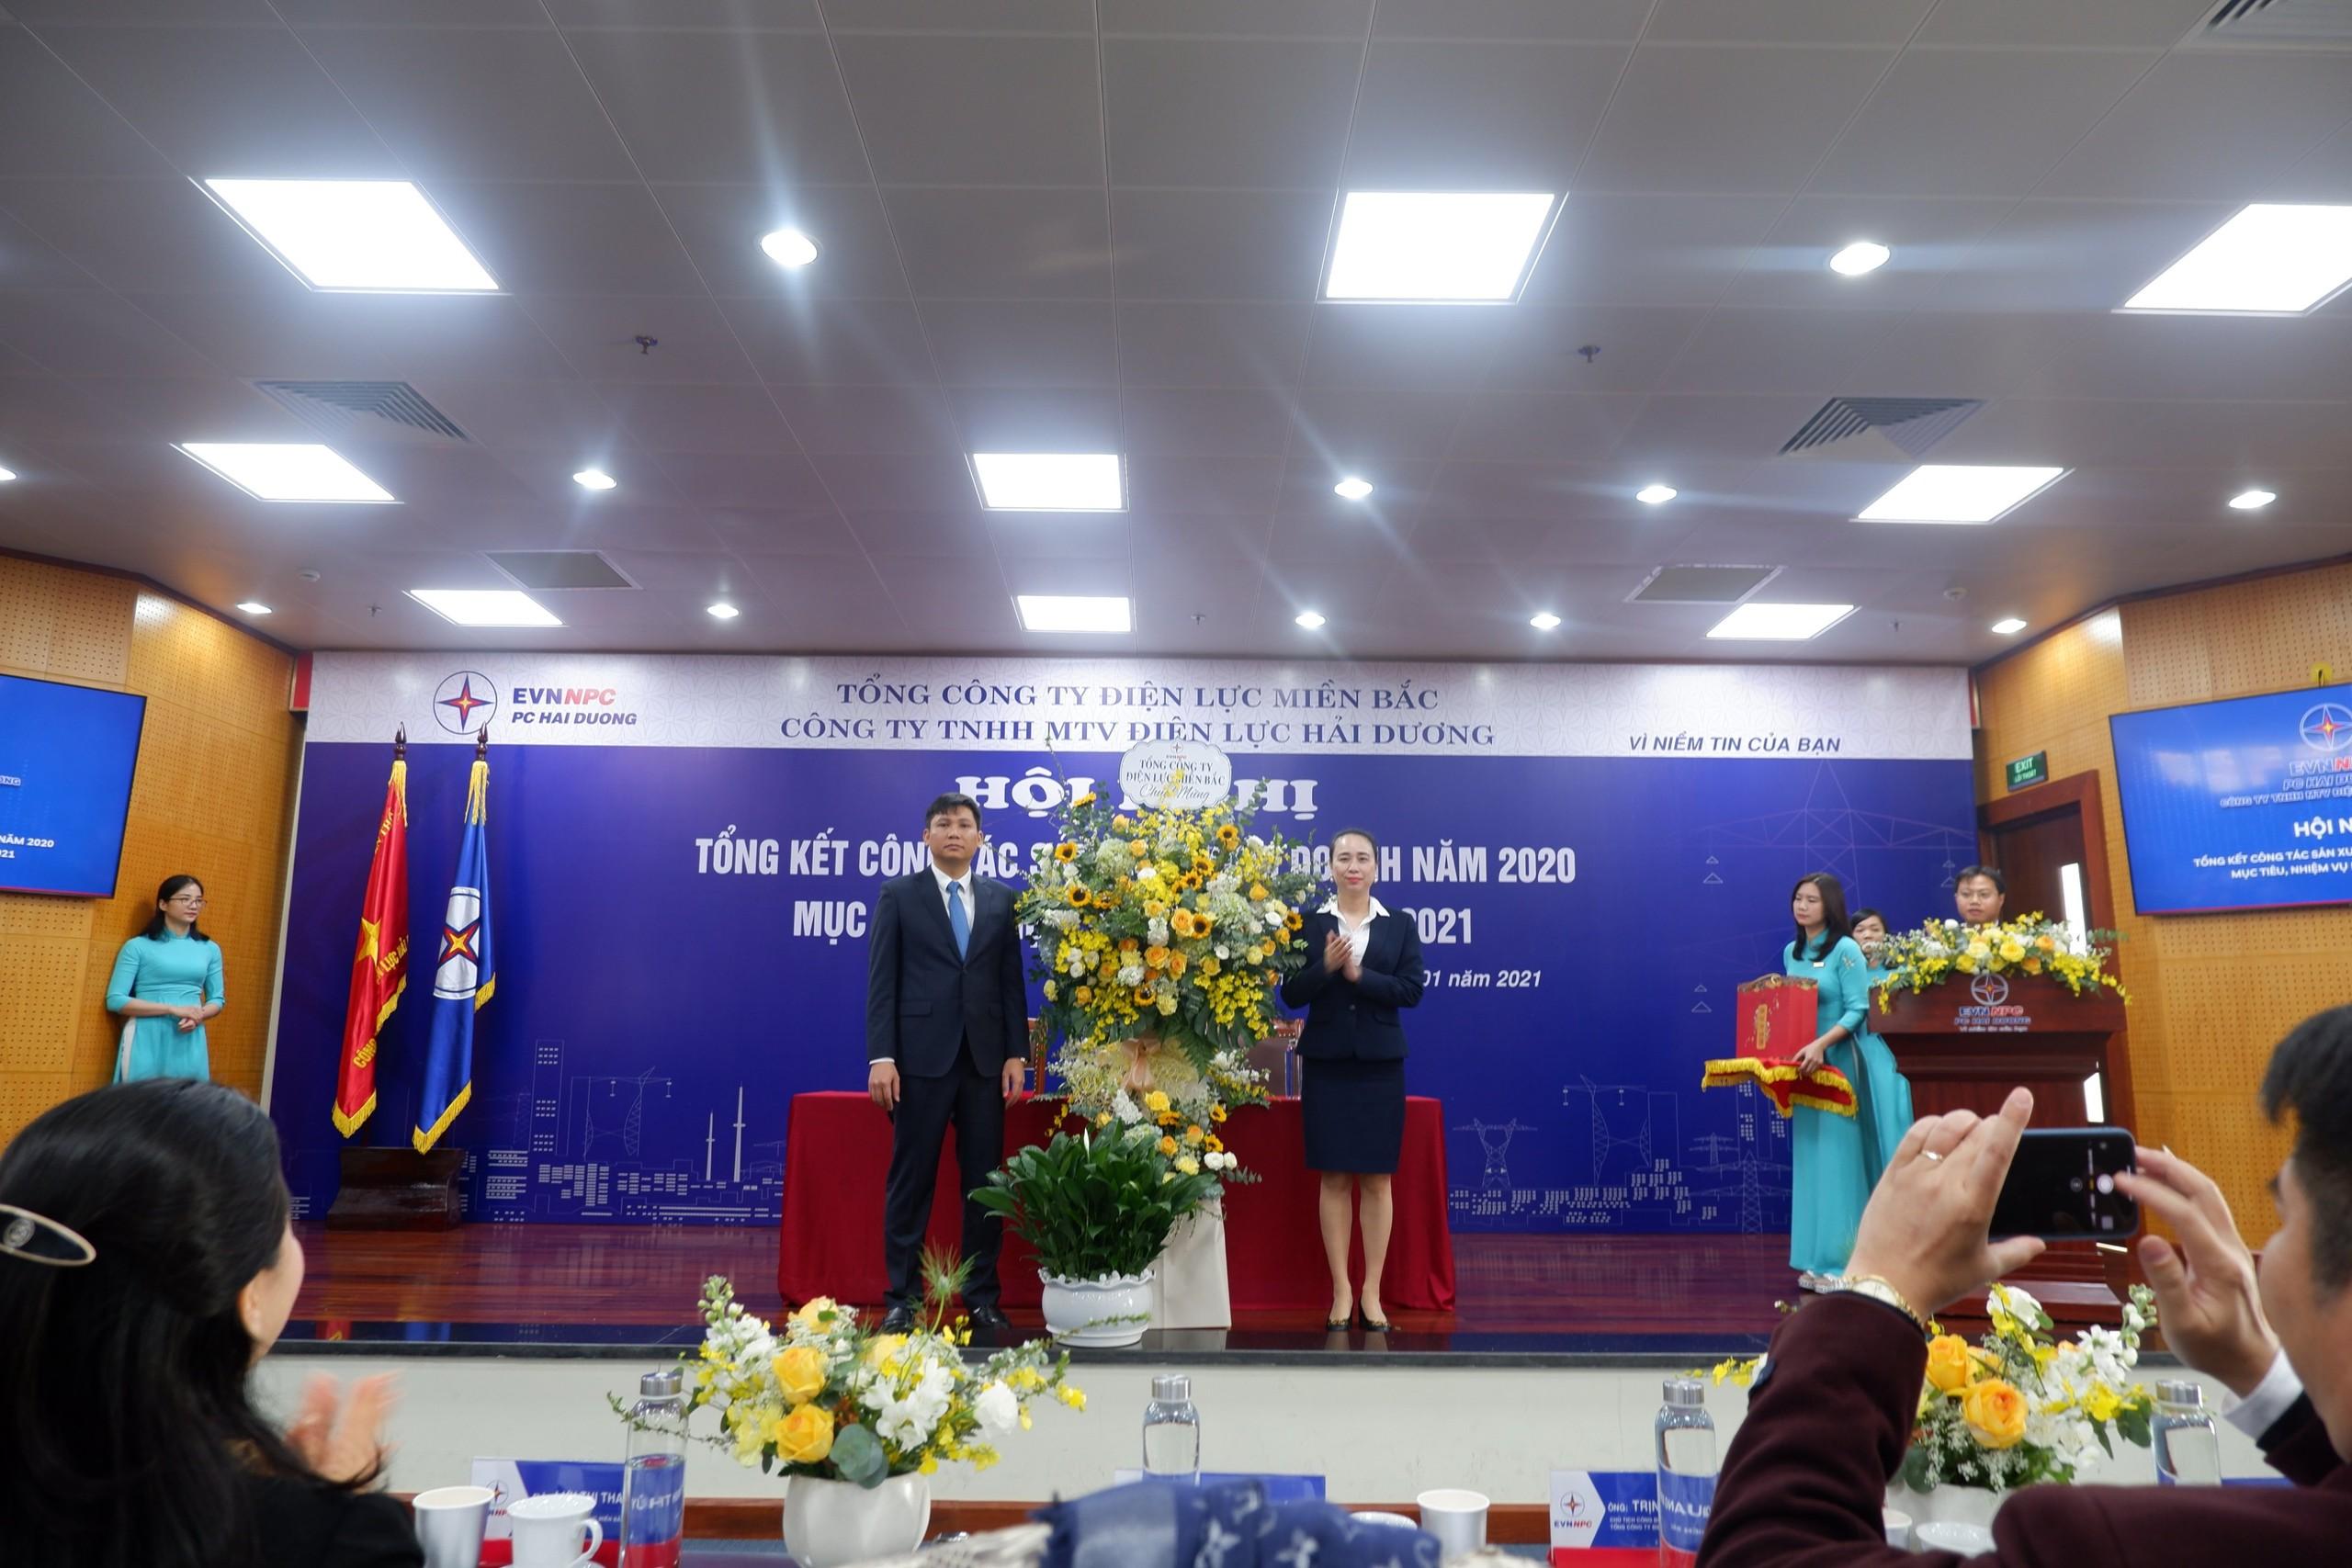 PC Hai Duong dot pha trong cac chi tieu SXKD nam 2020